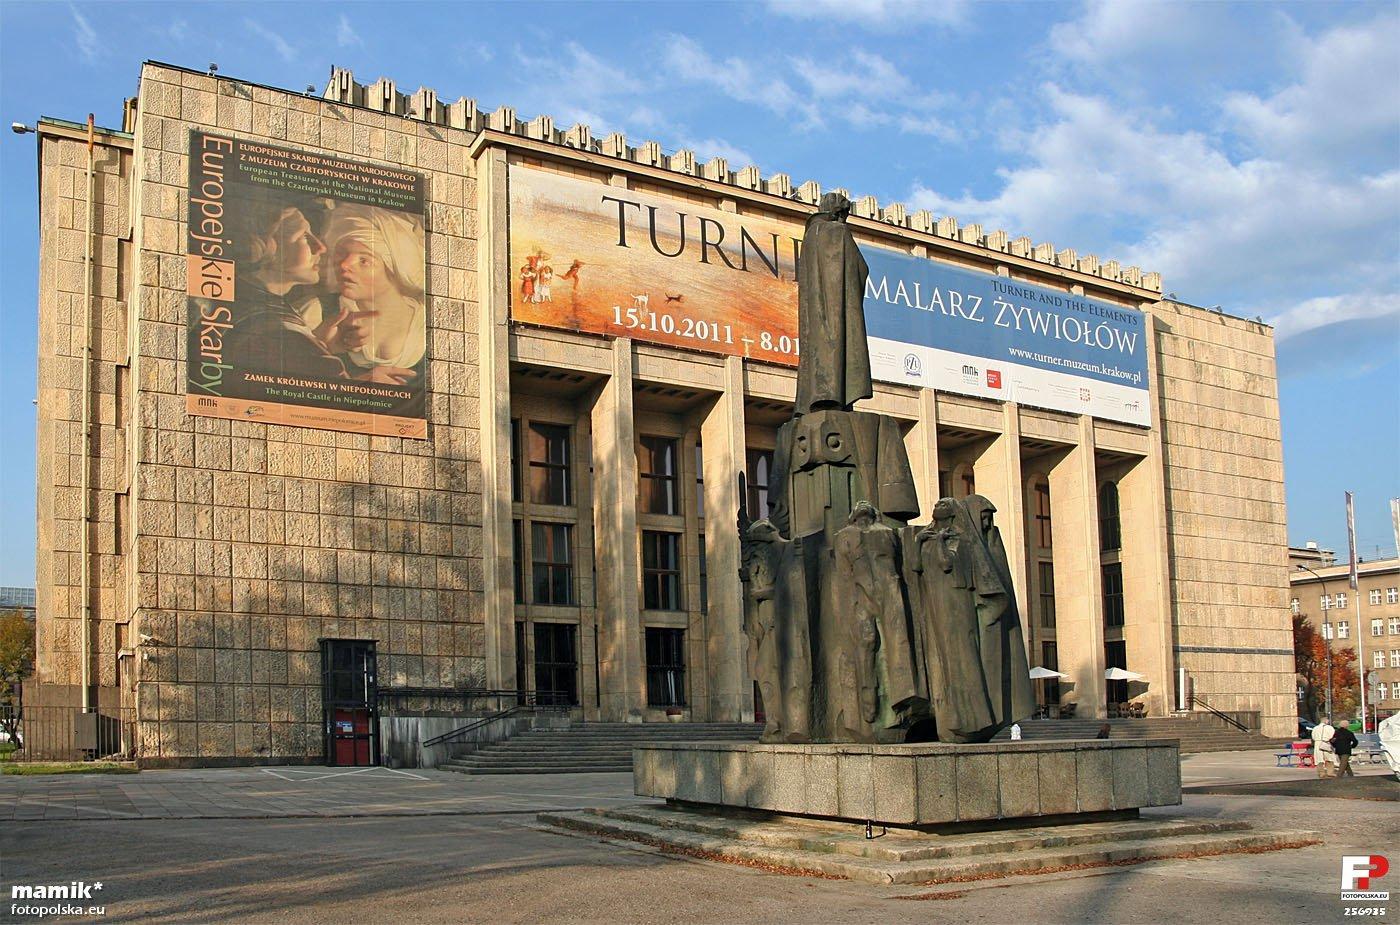 https://es.wikipedia.org/wiki/Museo_Nacional_de_Cracovia#/media/File:Krak%C3%B3w,_Gmach_G%C5%82%C3%B3wny_Muzeum_Narodowego_-_fotopolska.eu_(256935).jpg